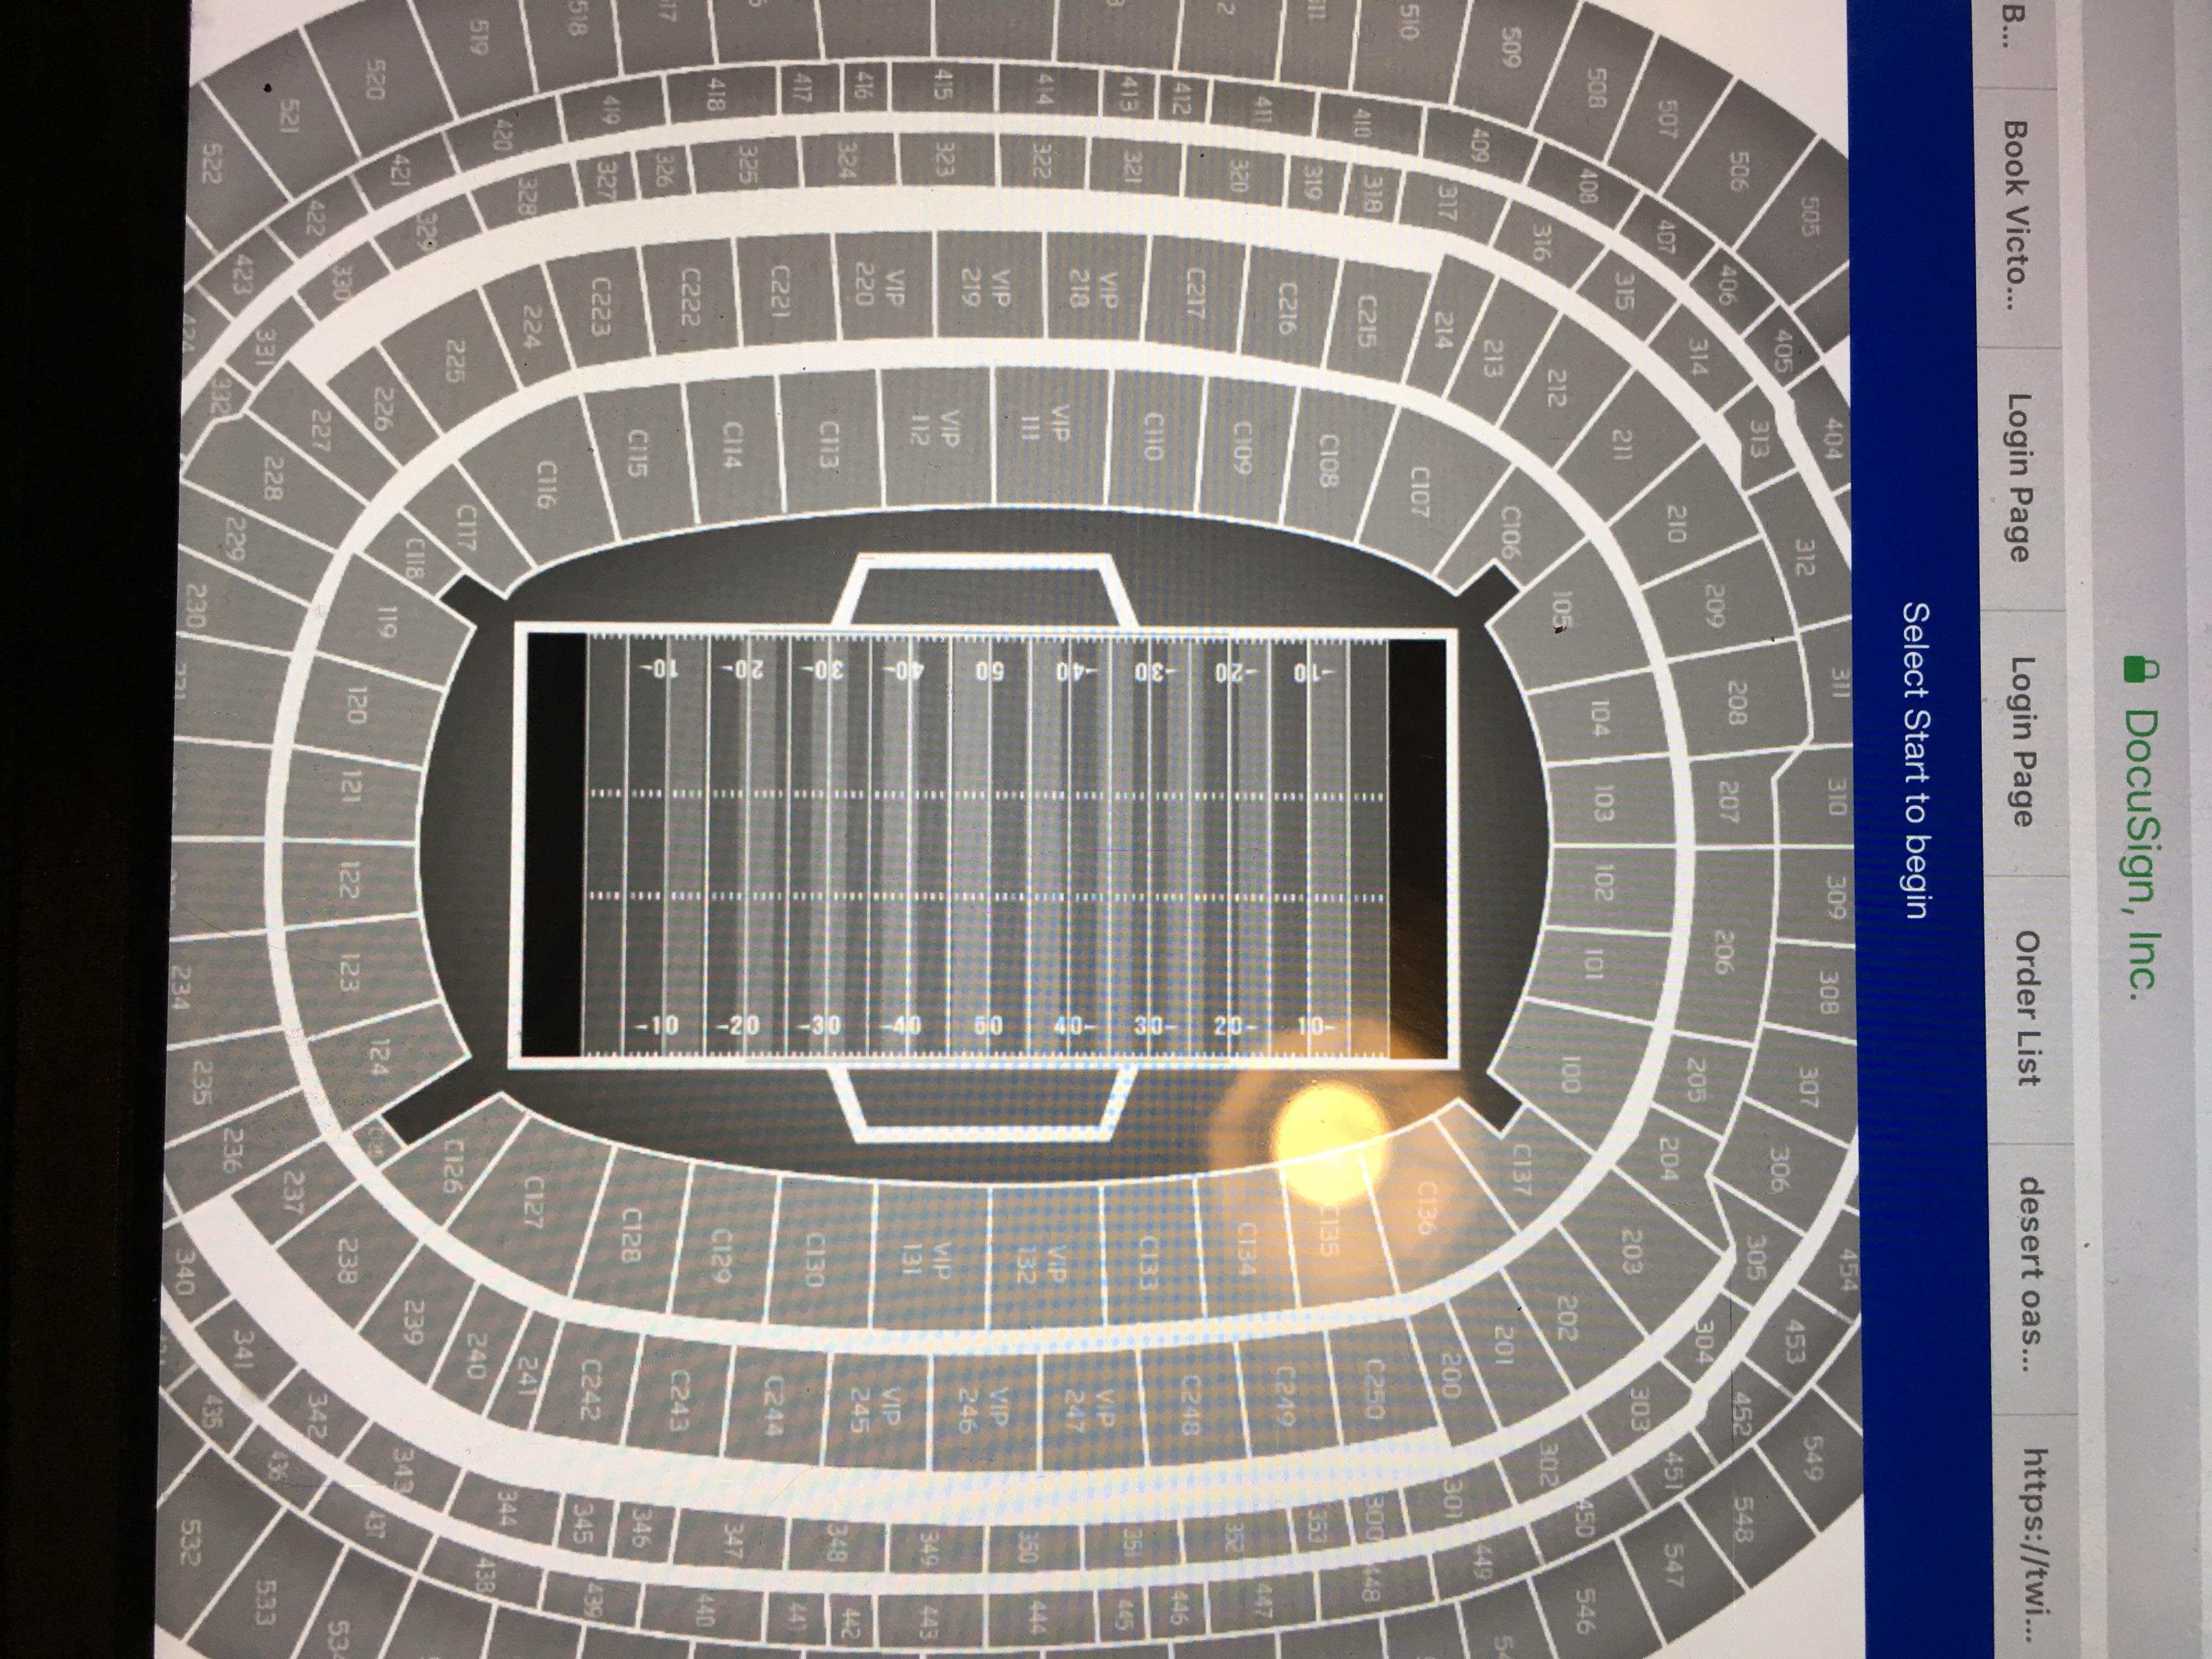 New LA Stadium